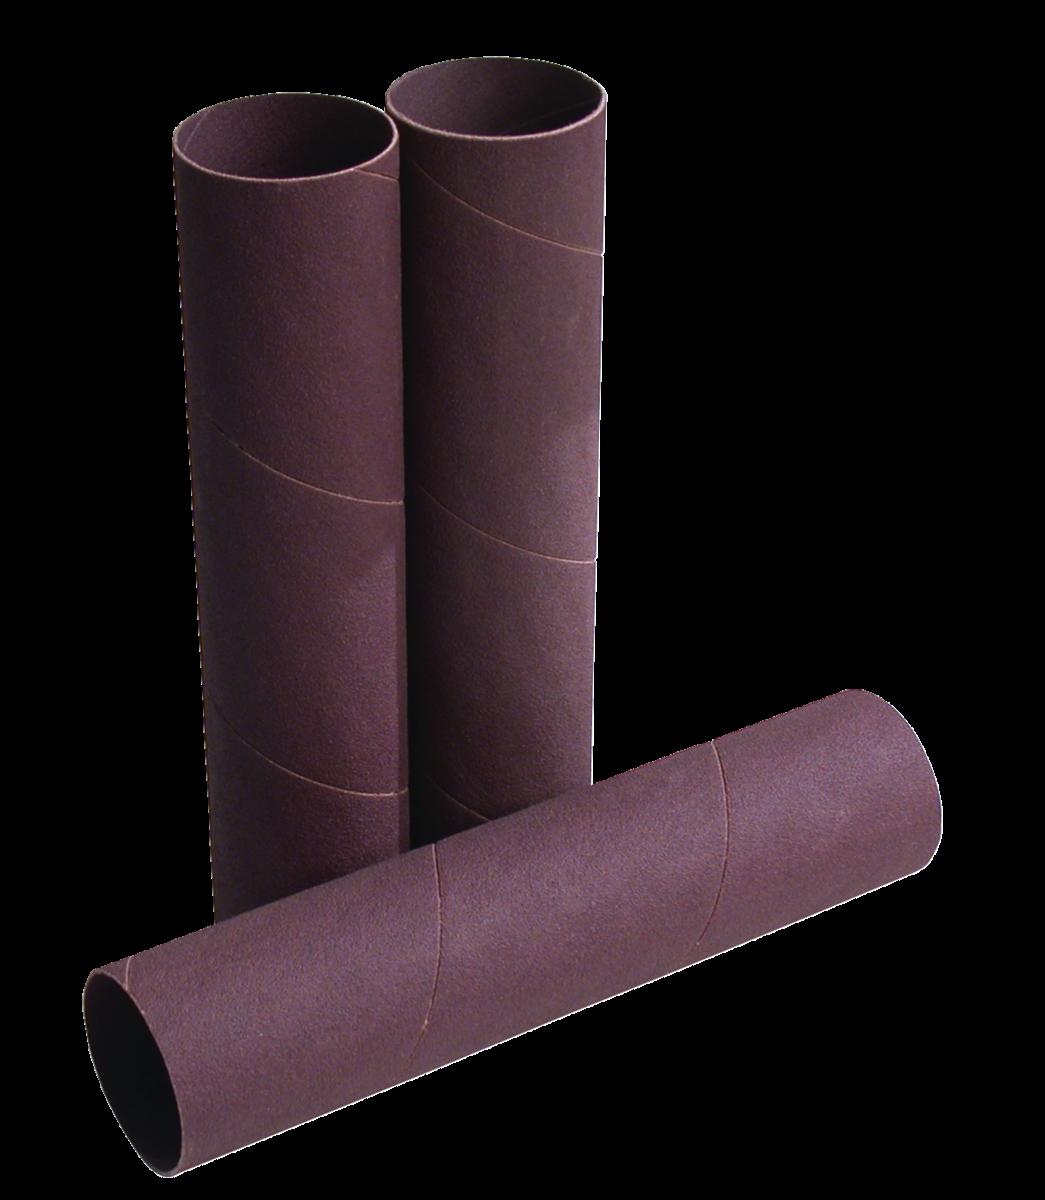 """Sanding Sleeves, 1/2""""x6"""", 100 Grit (4 pack)"""